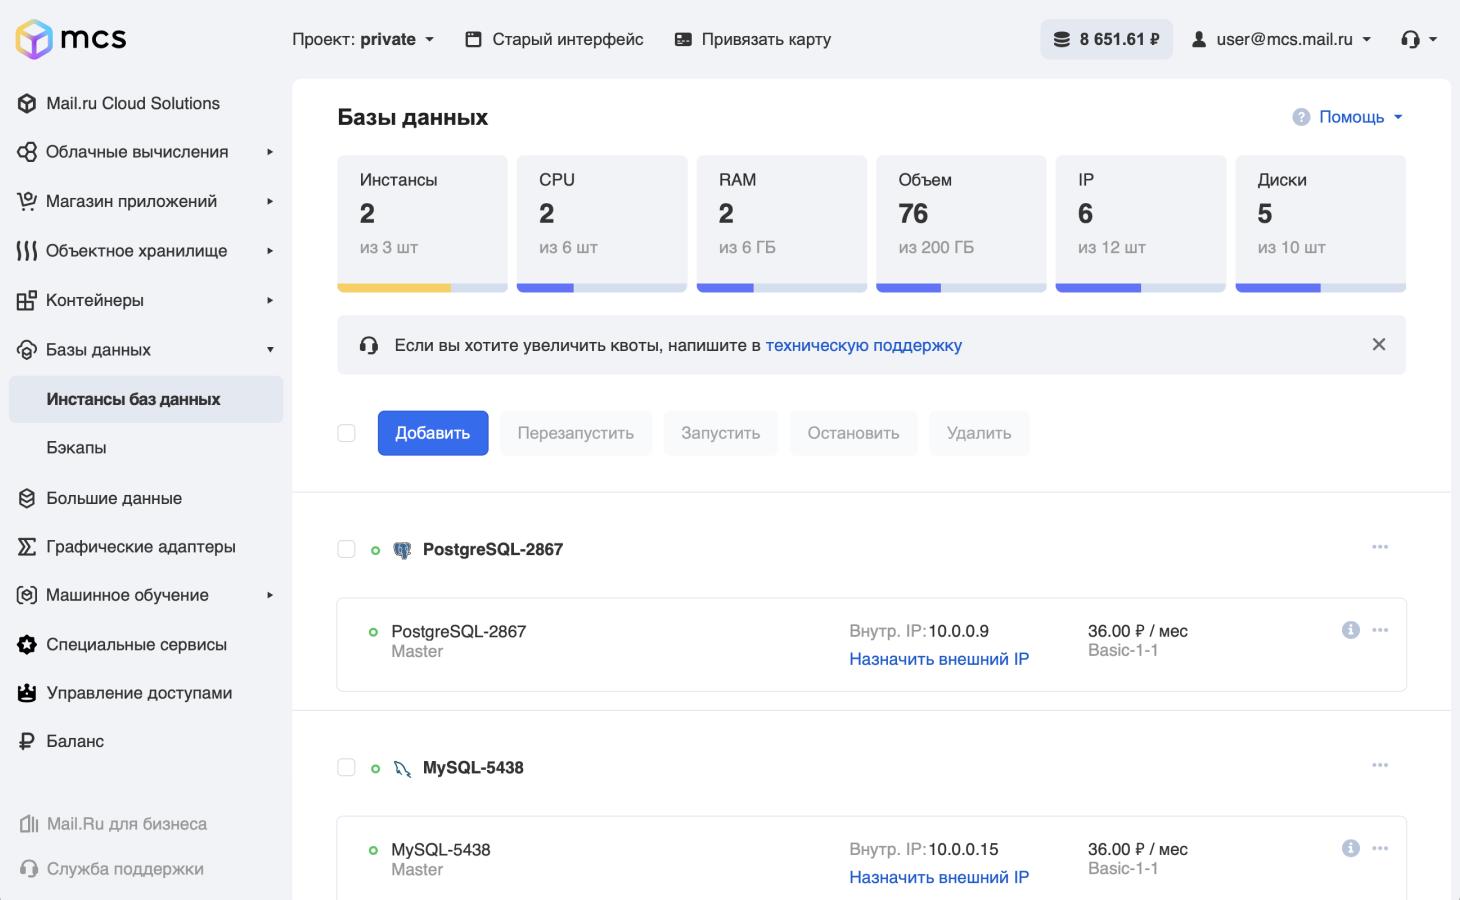 Скриншот интерфейса баз данных